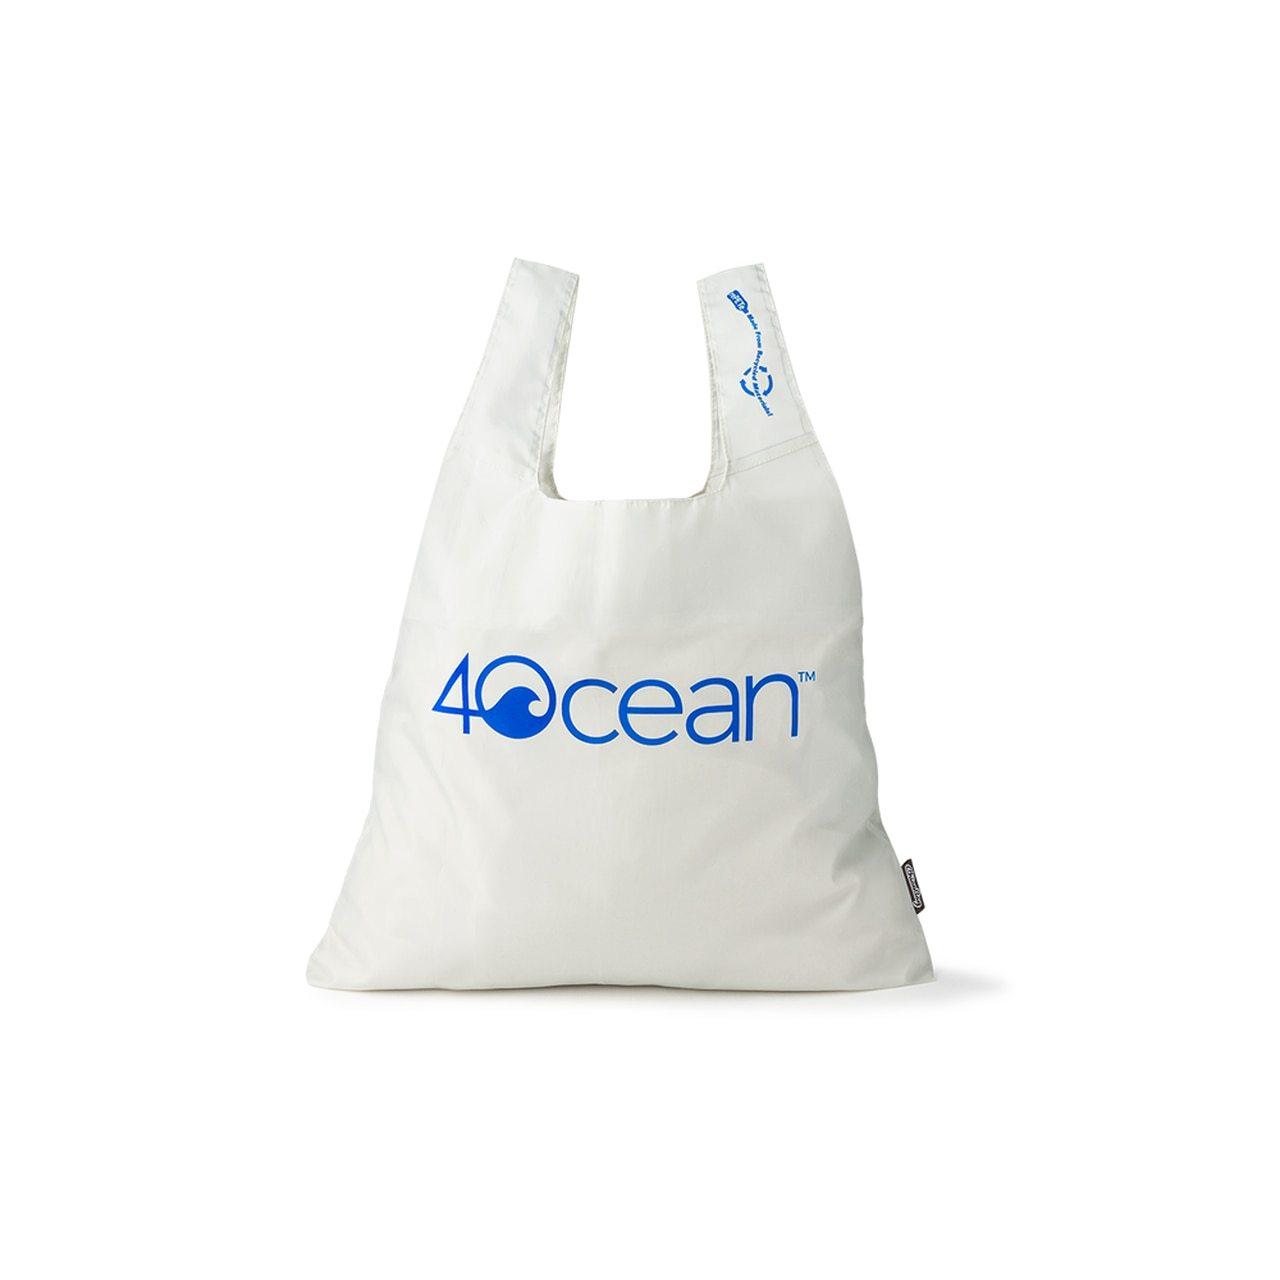 4ocean x ChicoBag Reusable Shopping Bag - Grey